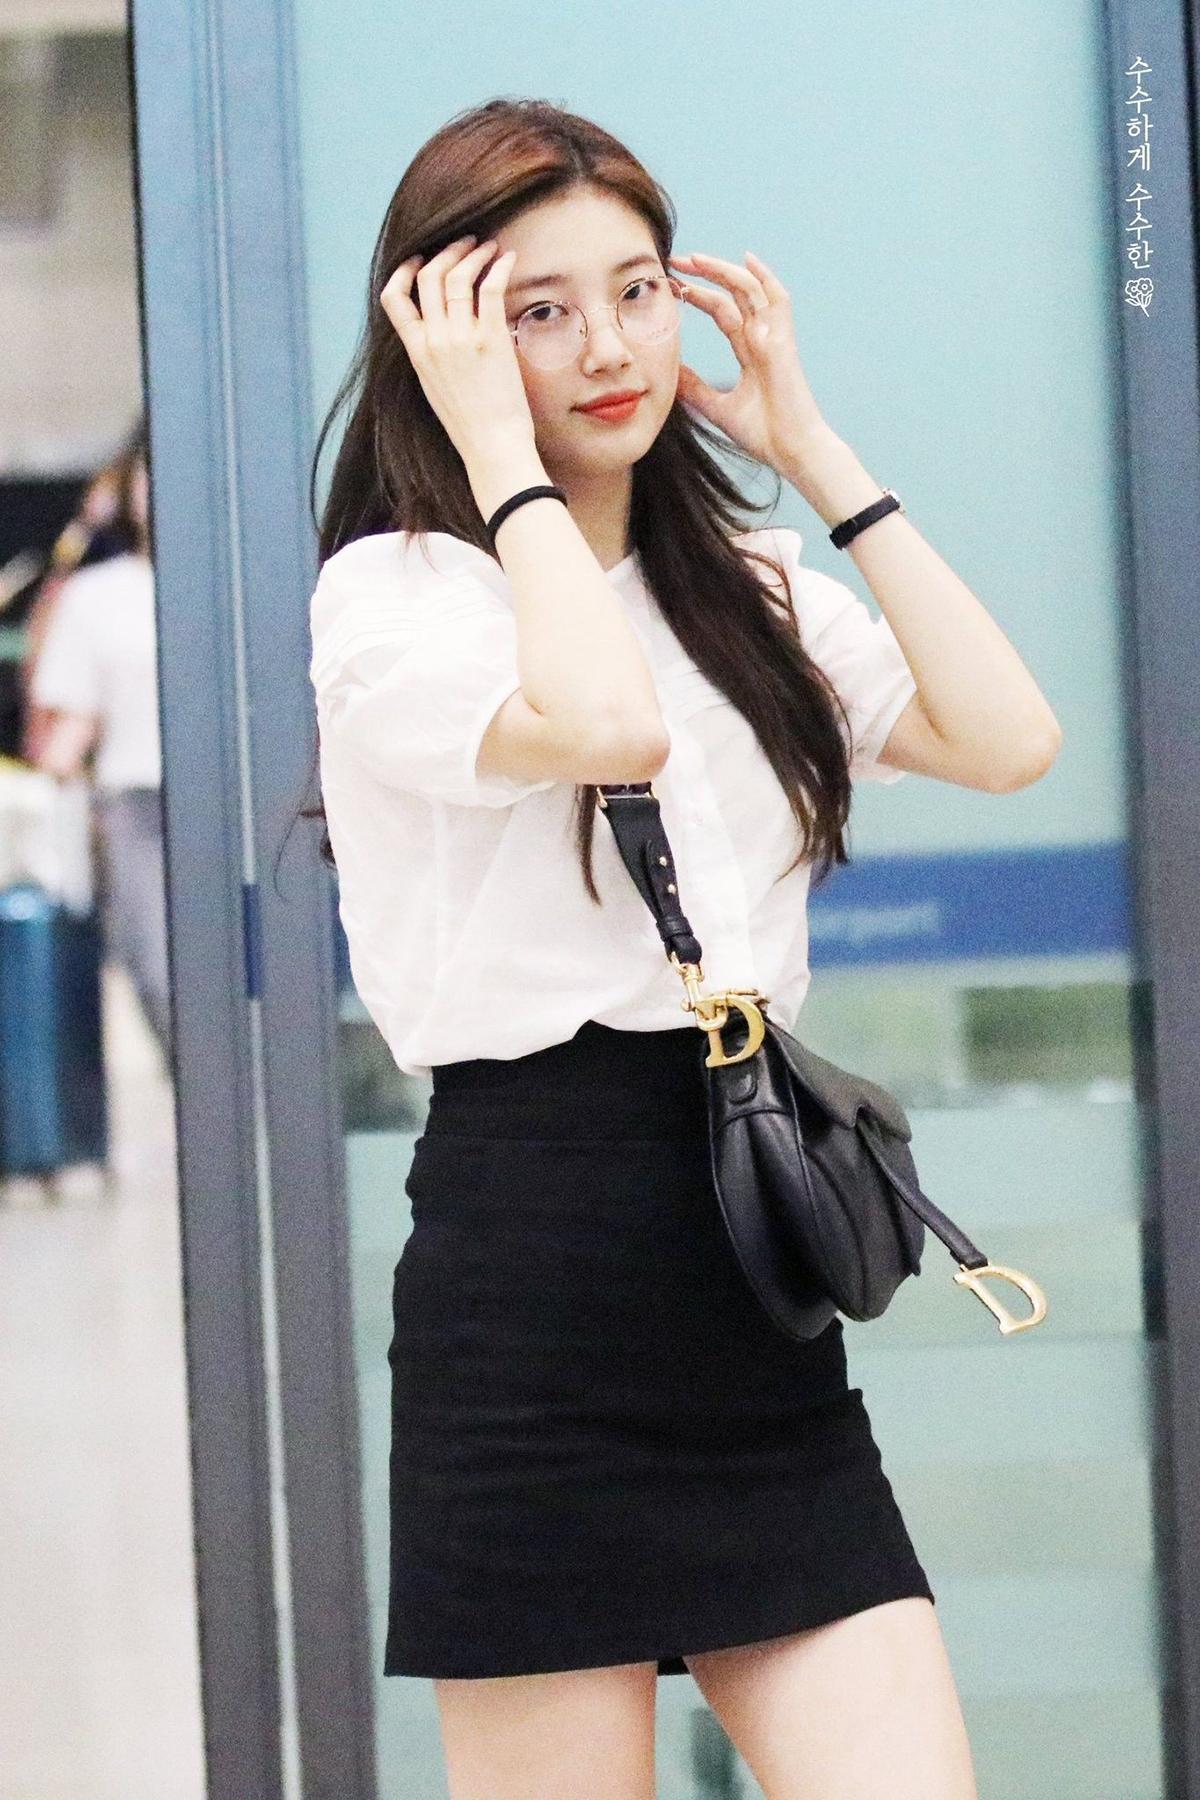 Muốn có diện mạo nữ tính mà không quá bánh bèo khi ra sân bay, bạn có thể chọn những chiếc sơ mi kiểu dáng nhẹ nhàng như Suzy.